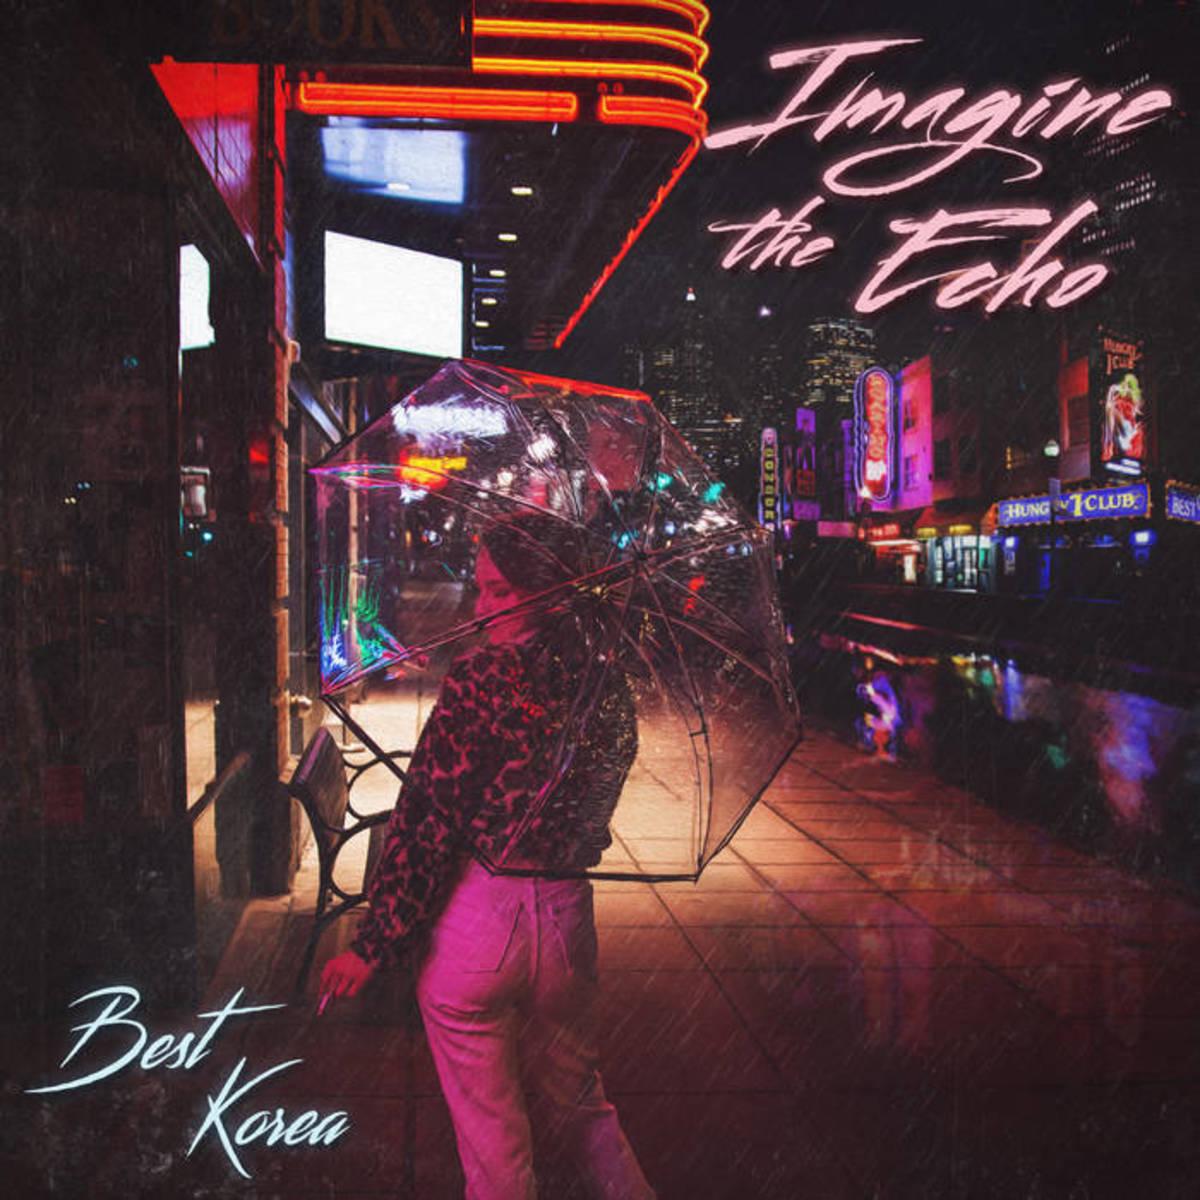 """Artwork for Best Korea's new single, """"Imagine the Echo"""""""